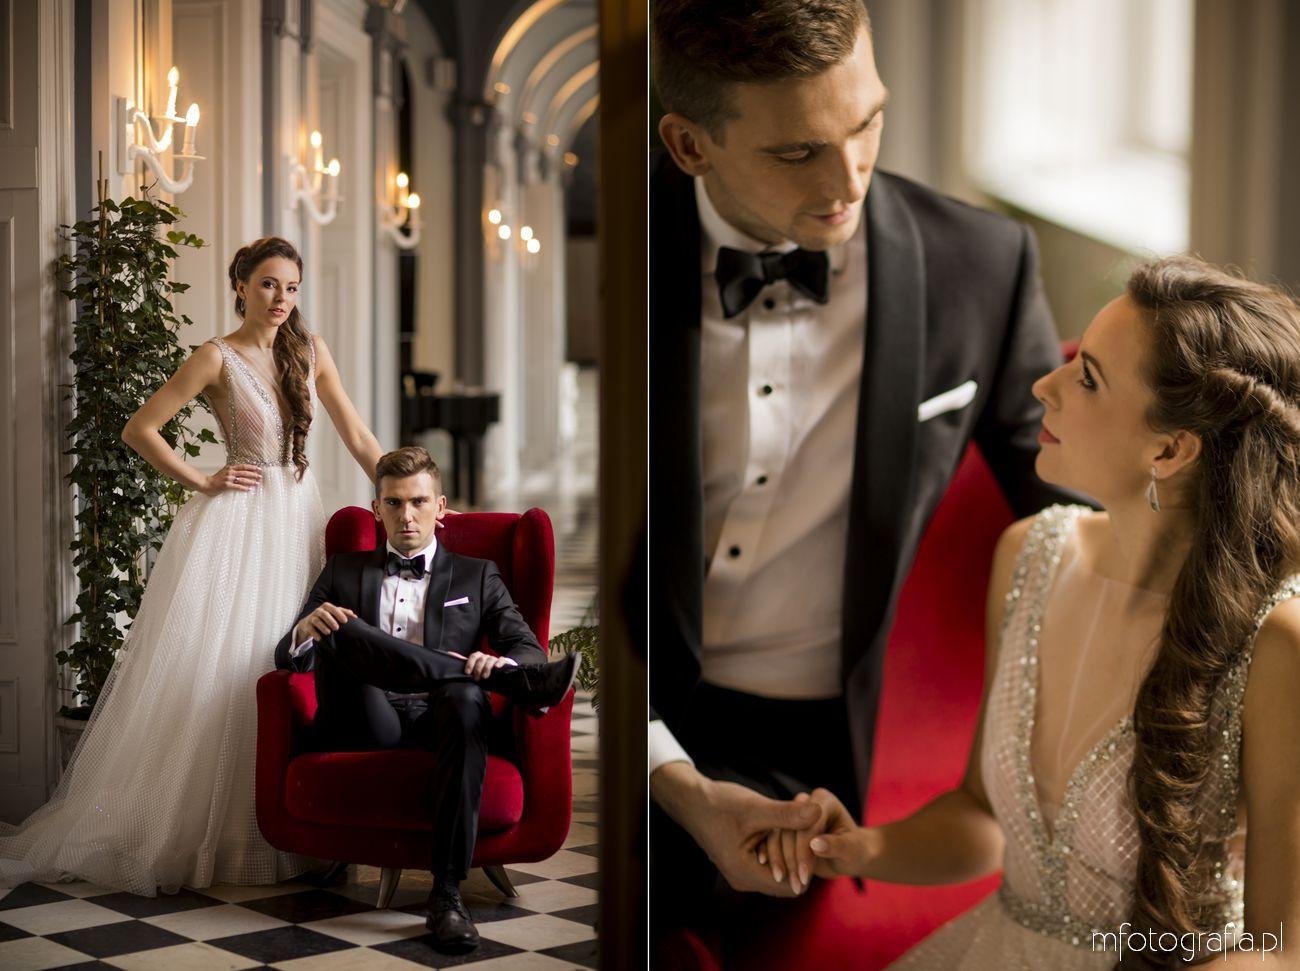 Poślubna sesja zdjęciowa w pałacu Zamoyskich w Warszawie